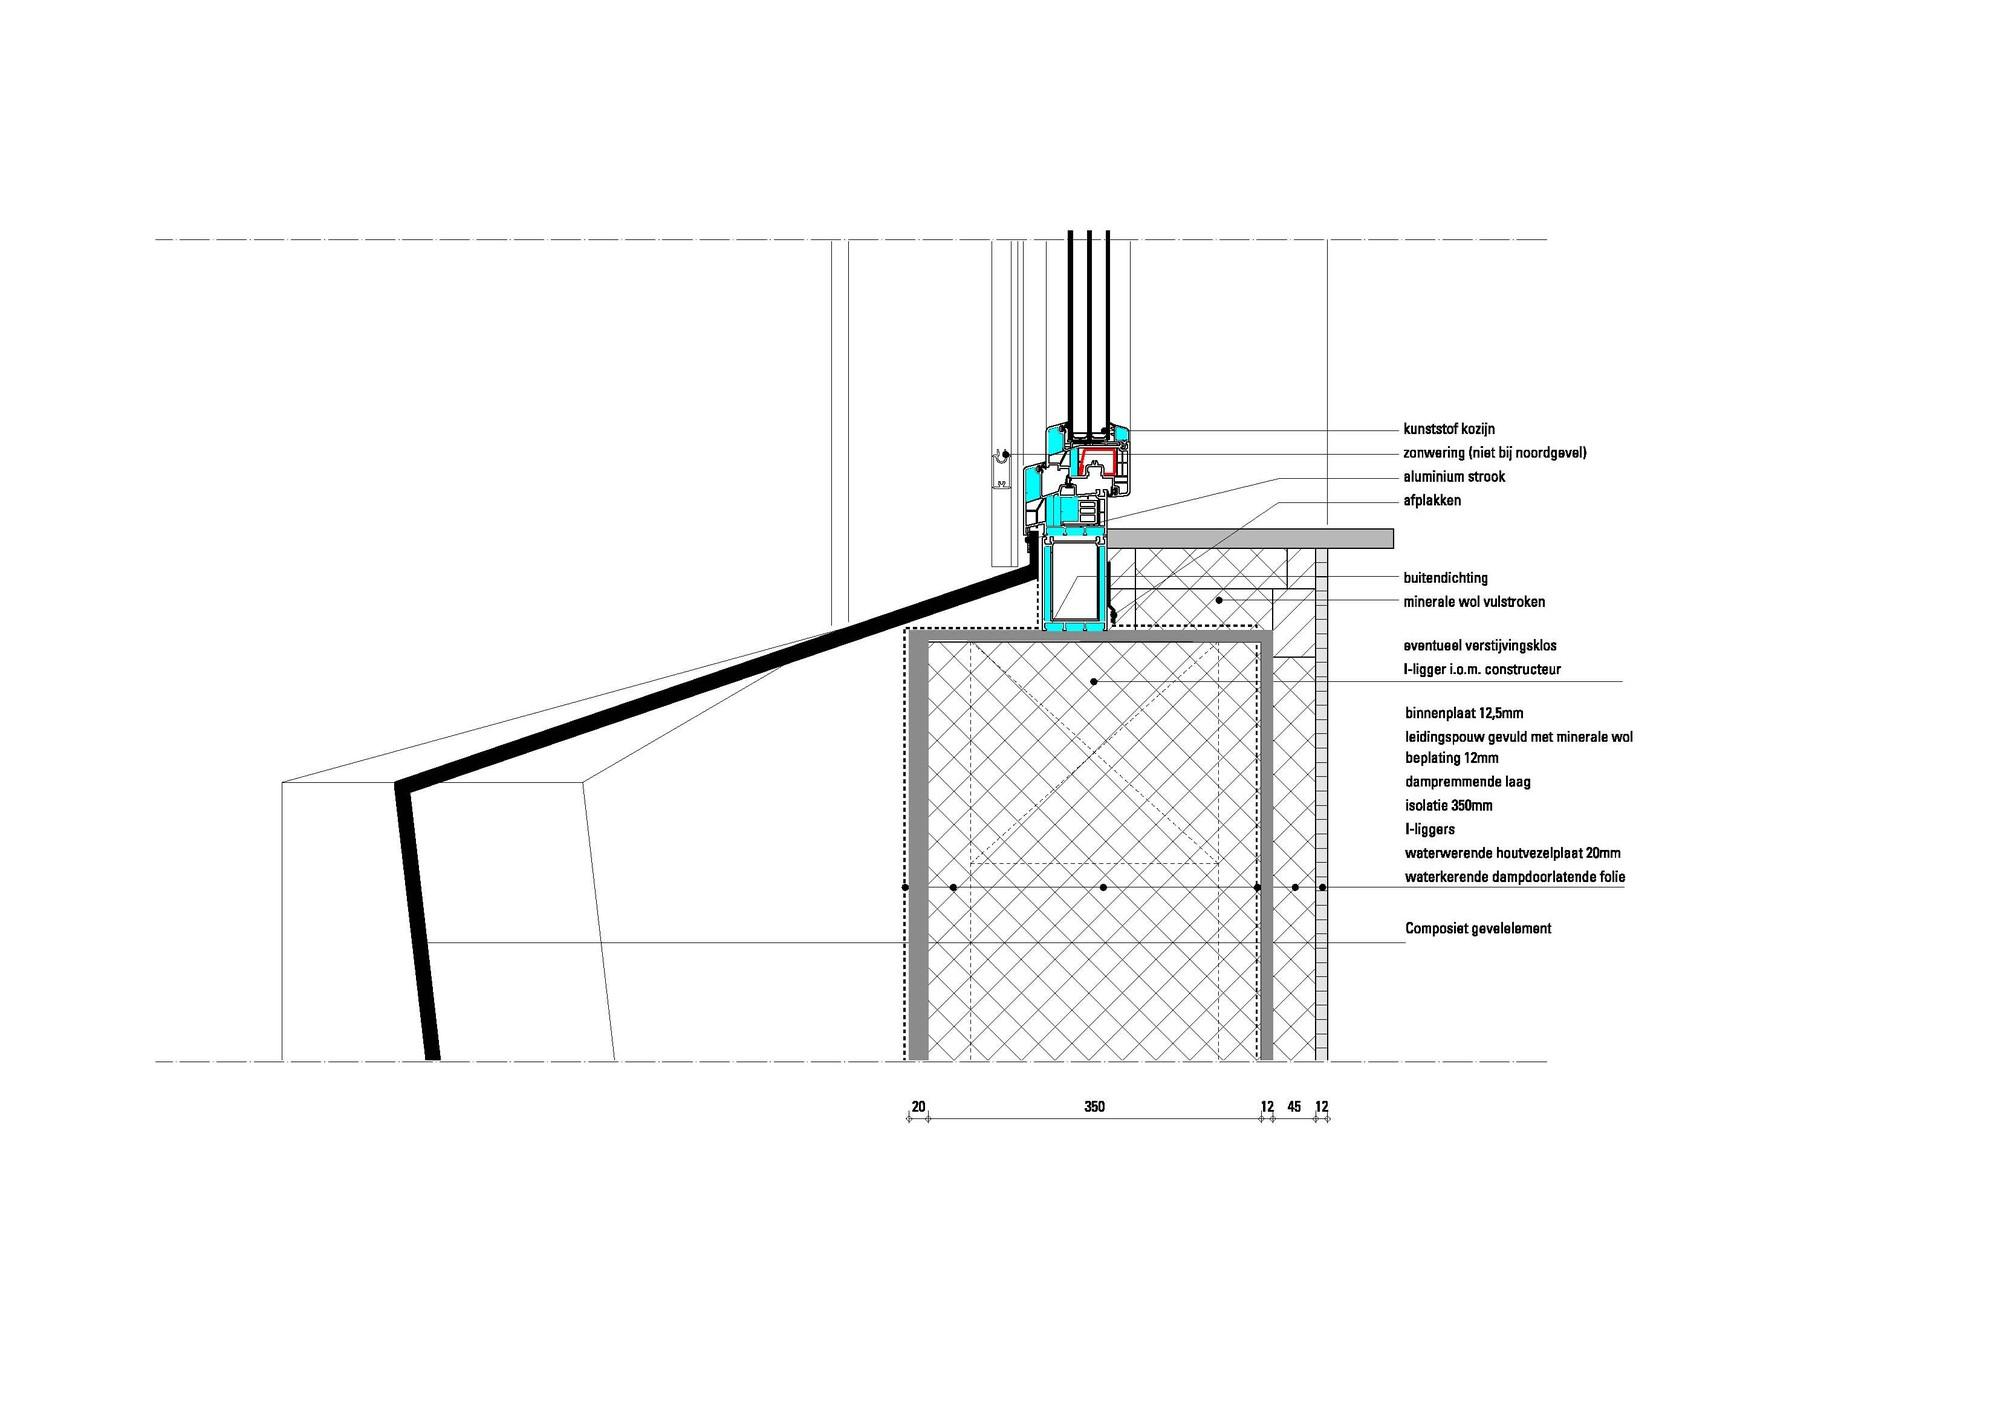 Verwonderlijk Gallery of Veilige Veste / KAW Architecten - 25 DI-27